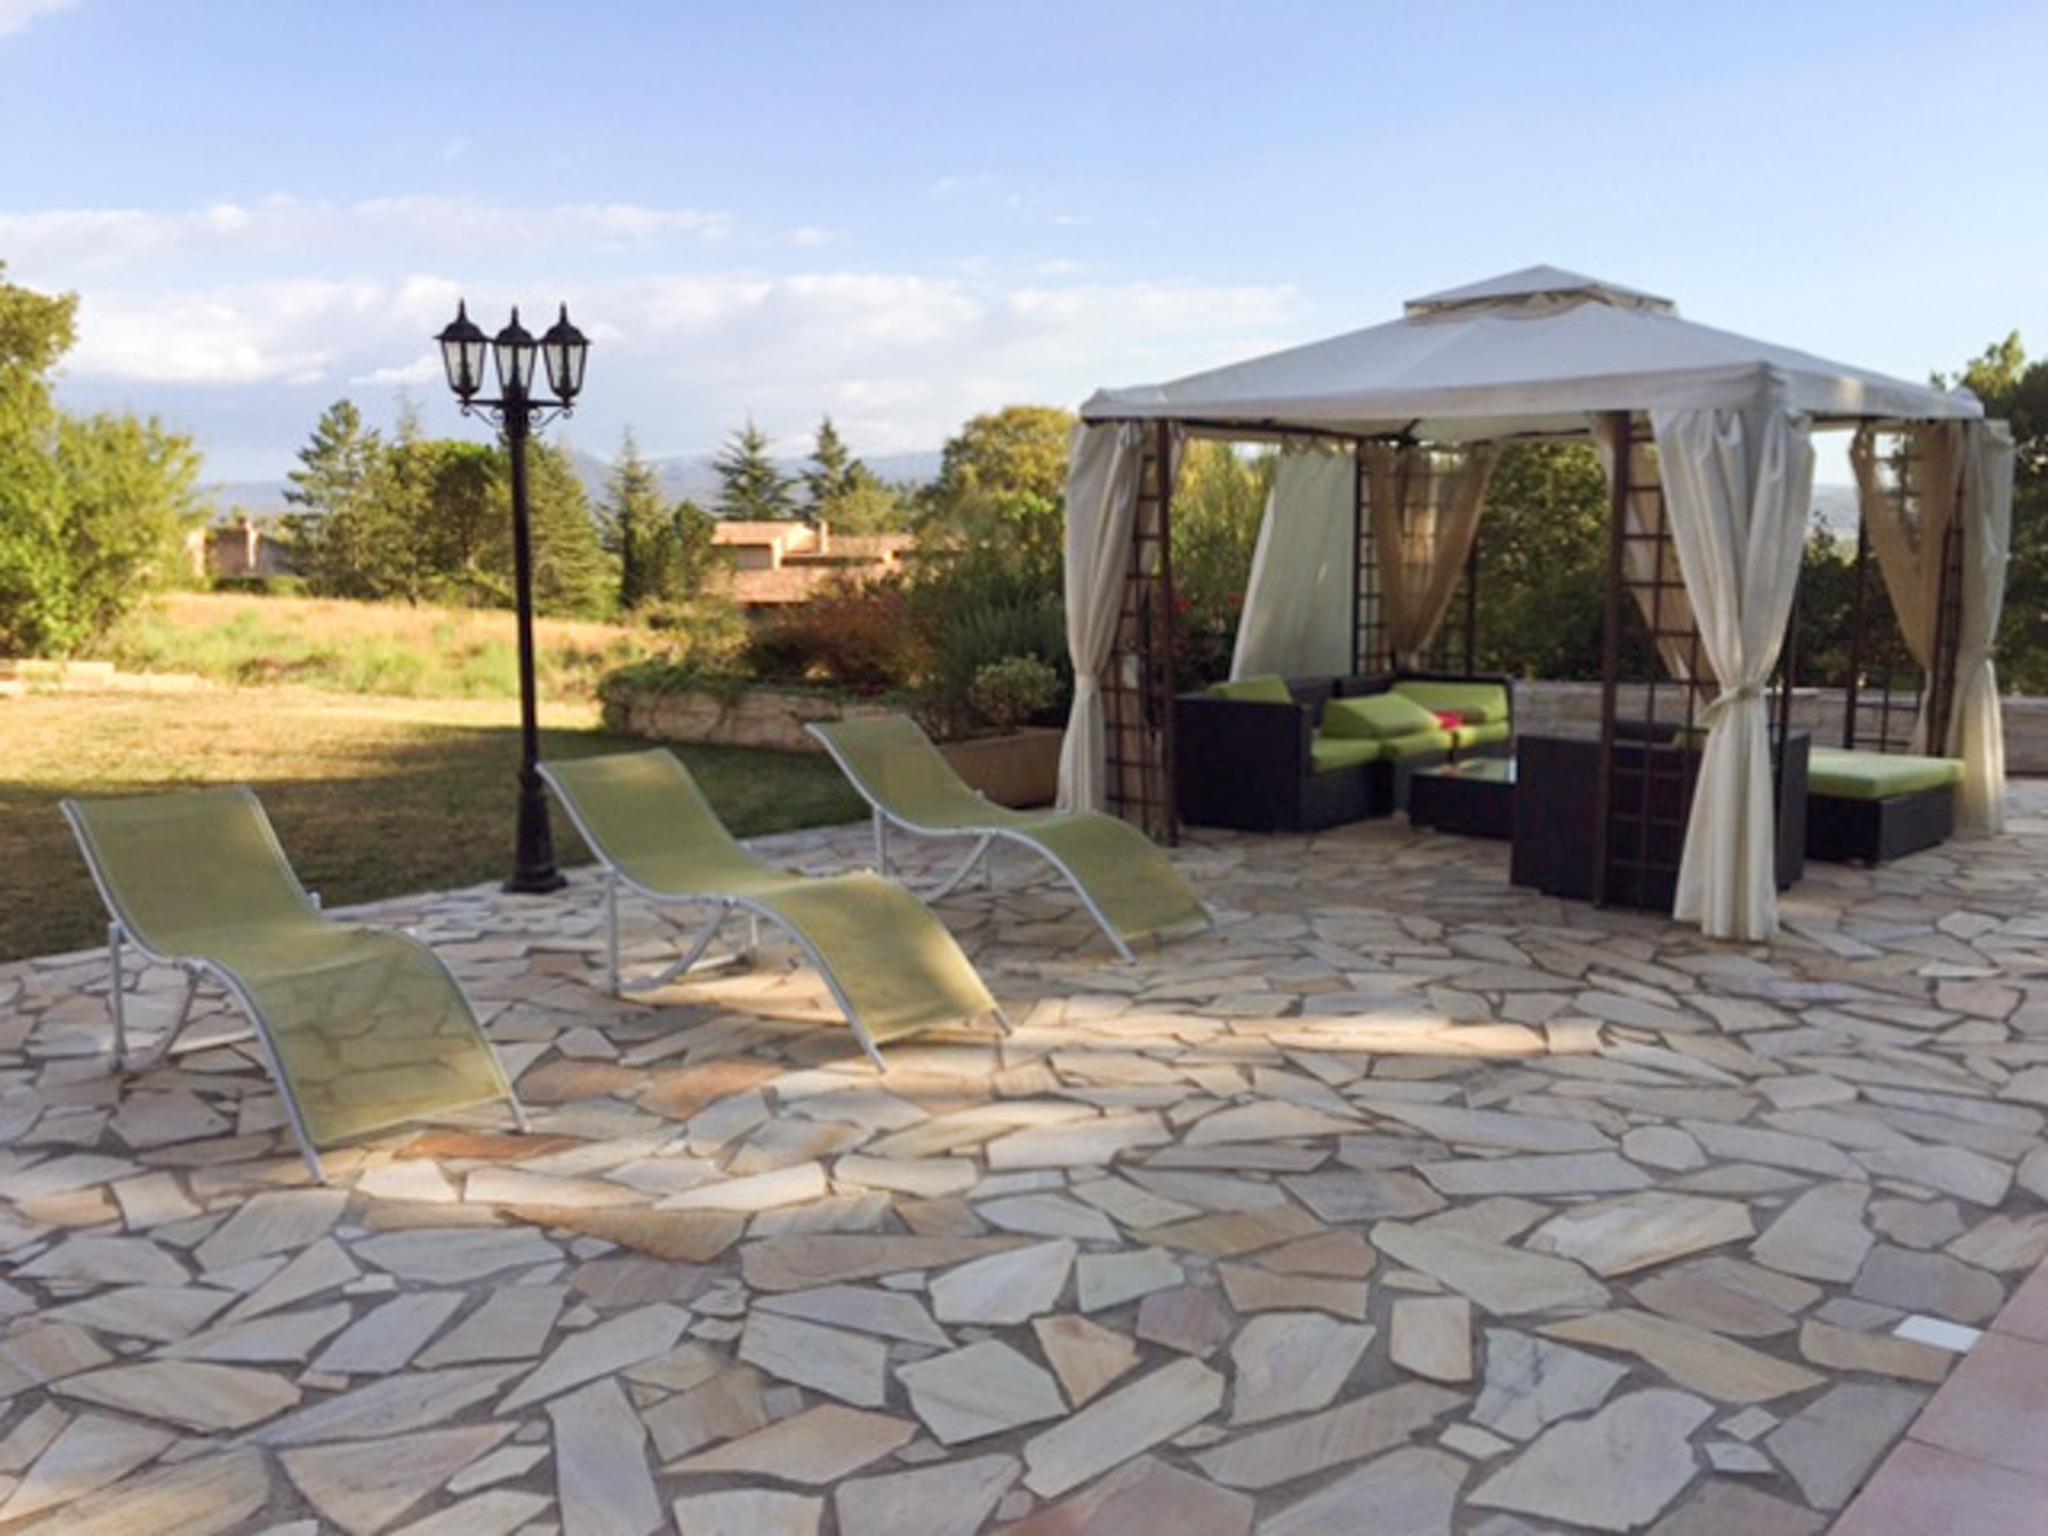 Ferienhaus Haus mit drei Schlafzimmern, Pool, Garten und Terrasse in der Luberon (2201928), Pertuis, Vaucluse, Provence - Alpen - Côte d'Azur, Frankreich, Bild 27